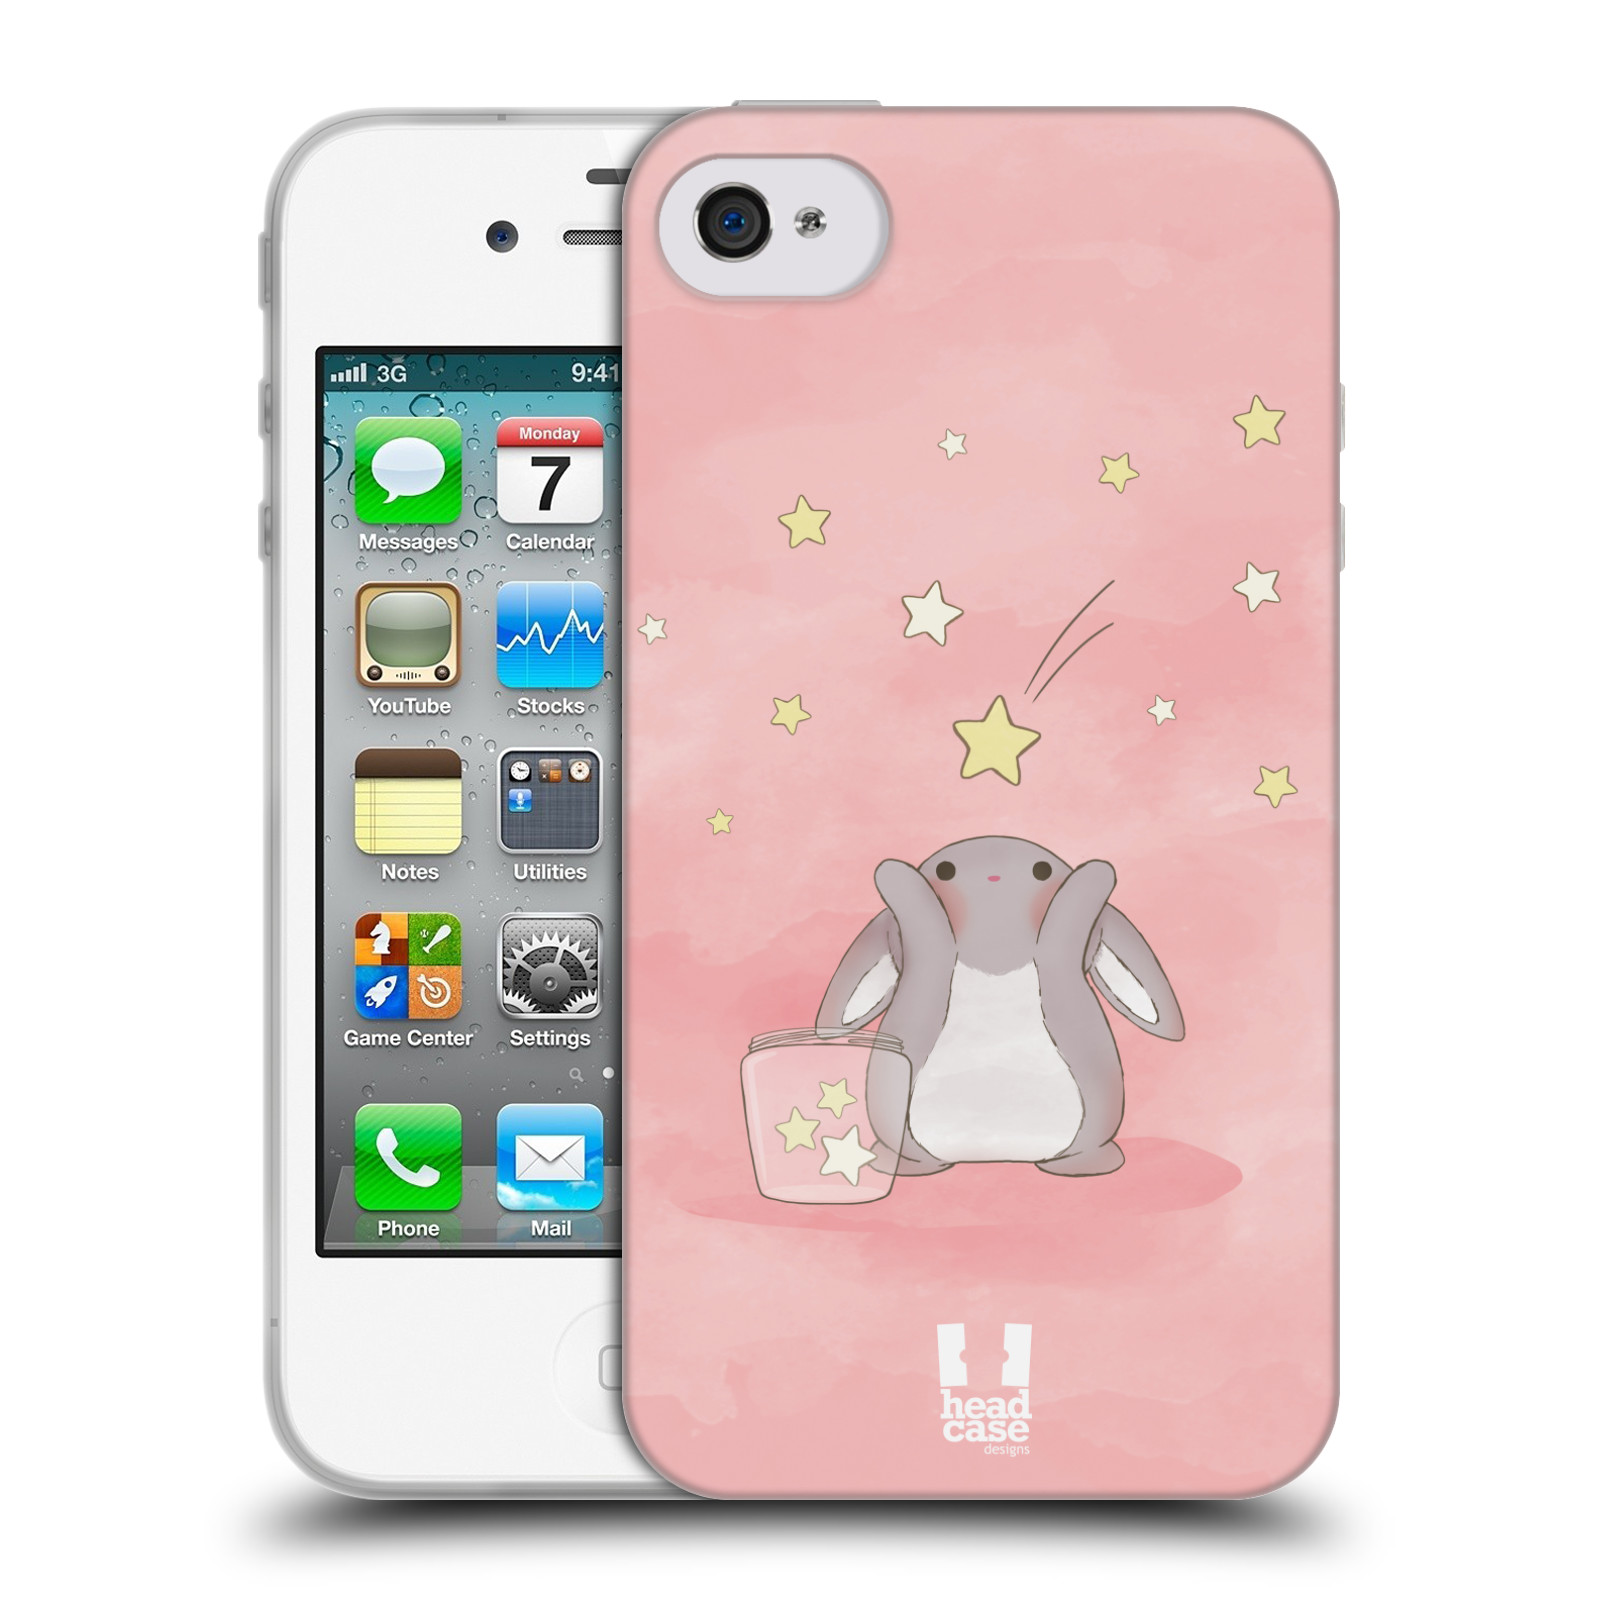 HEAD CASE silikonový obal na mobil Apple Iphone 4/4S vzor králíček a hvězdy růžová